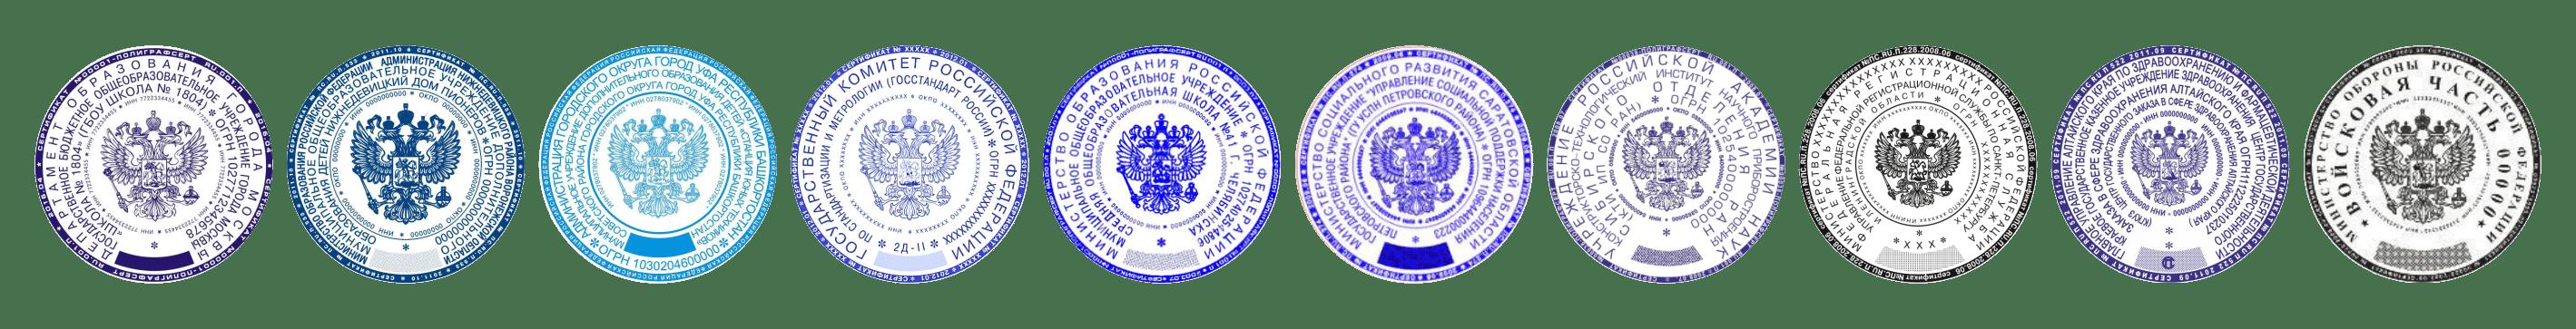 печати гербовые